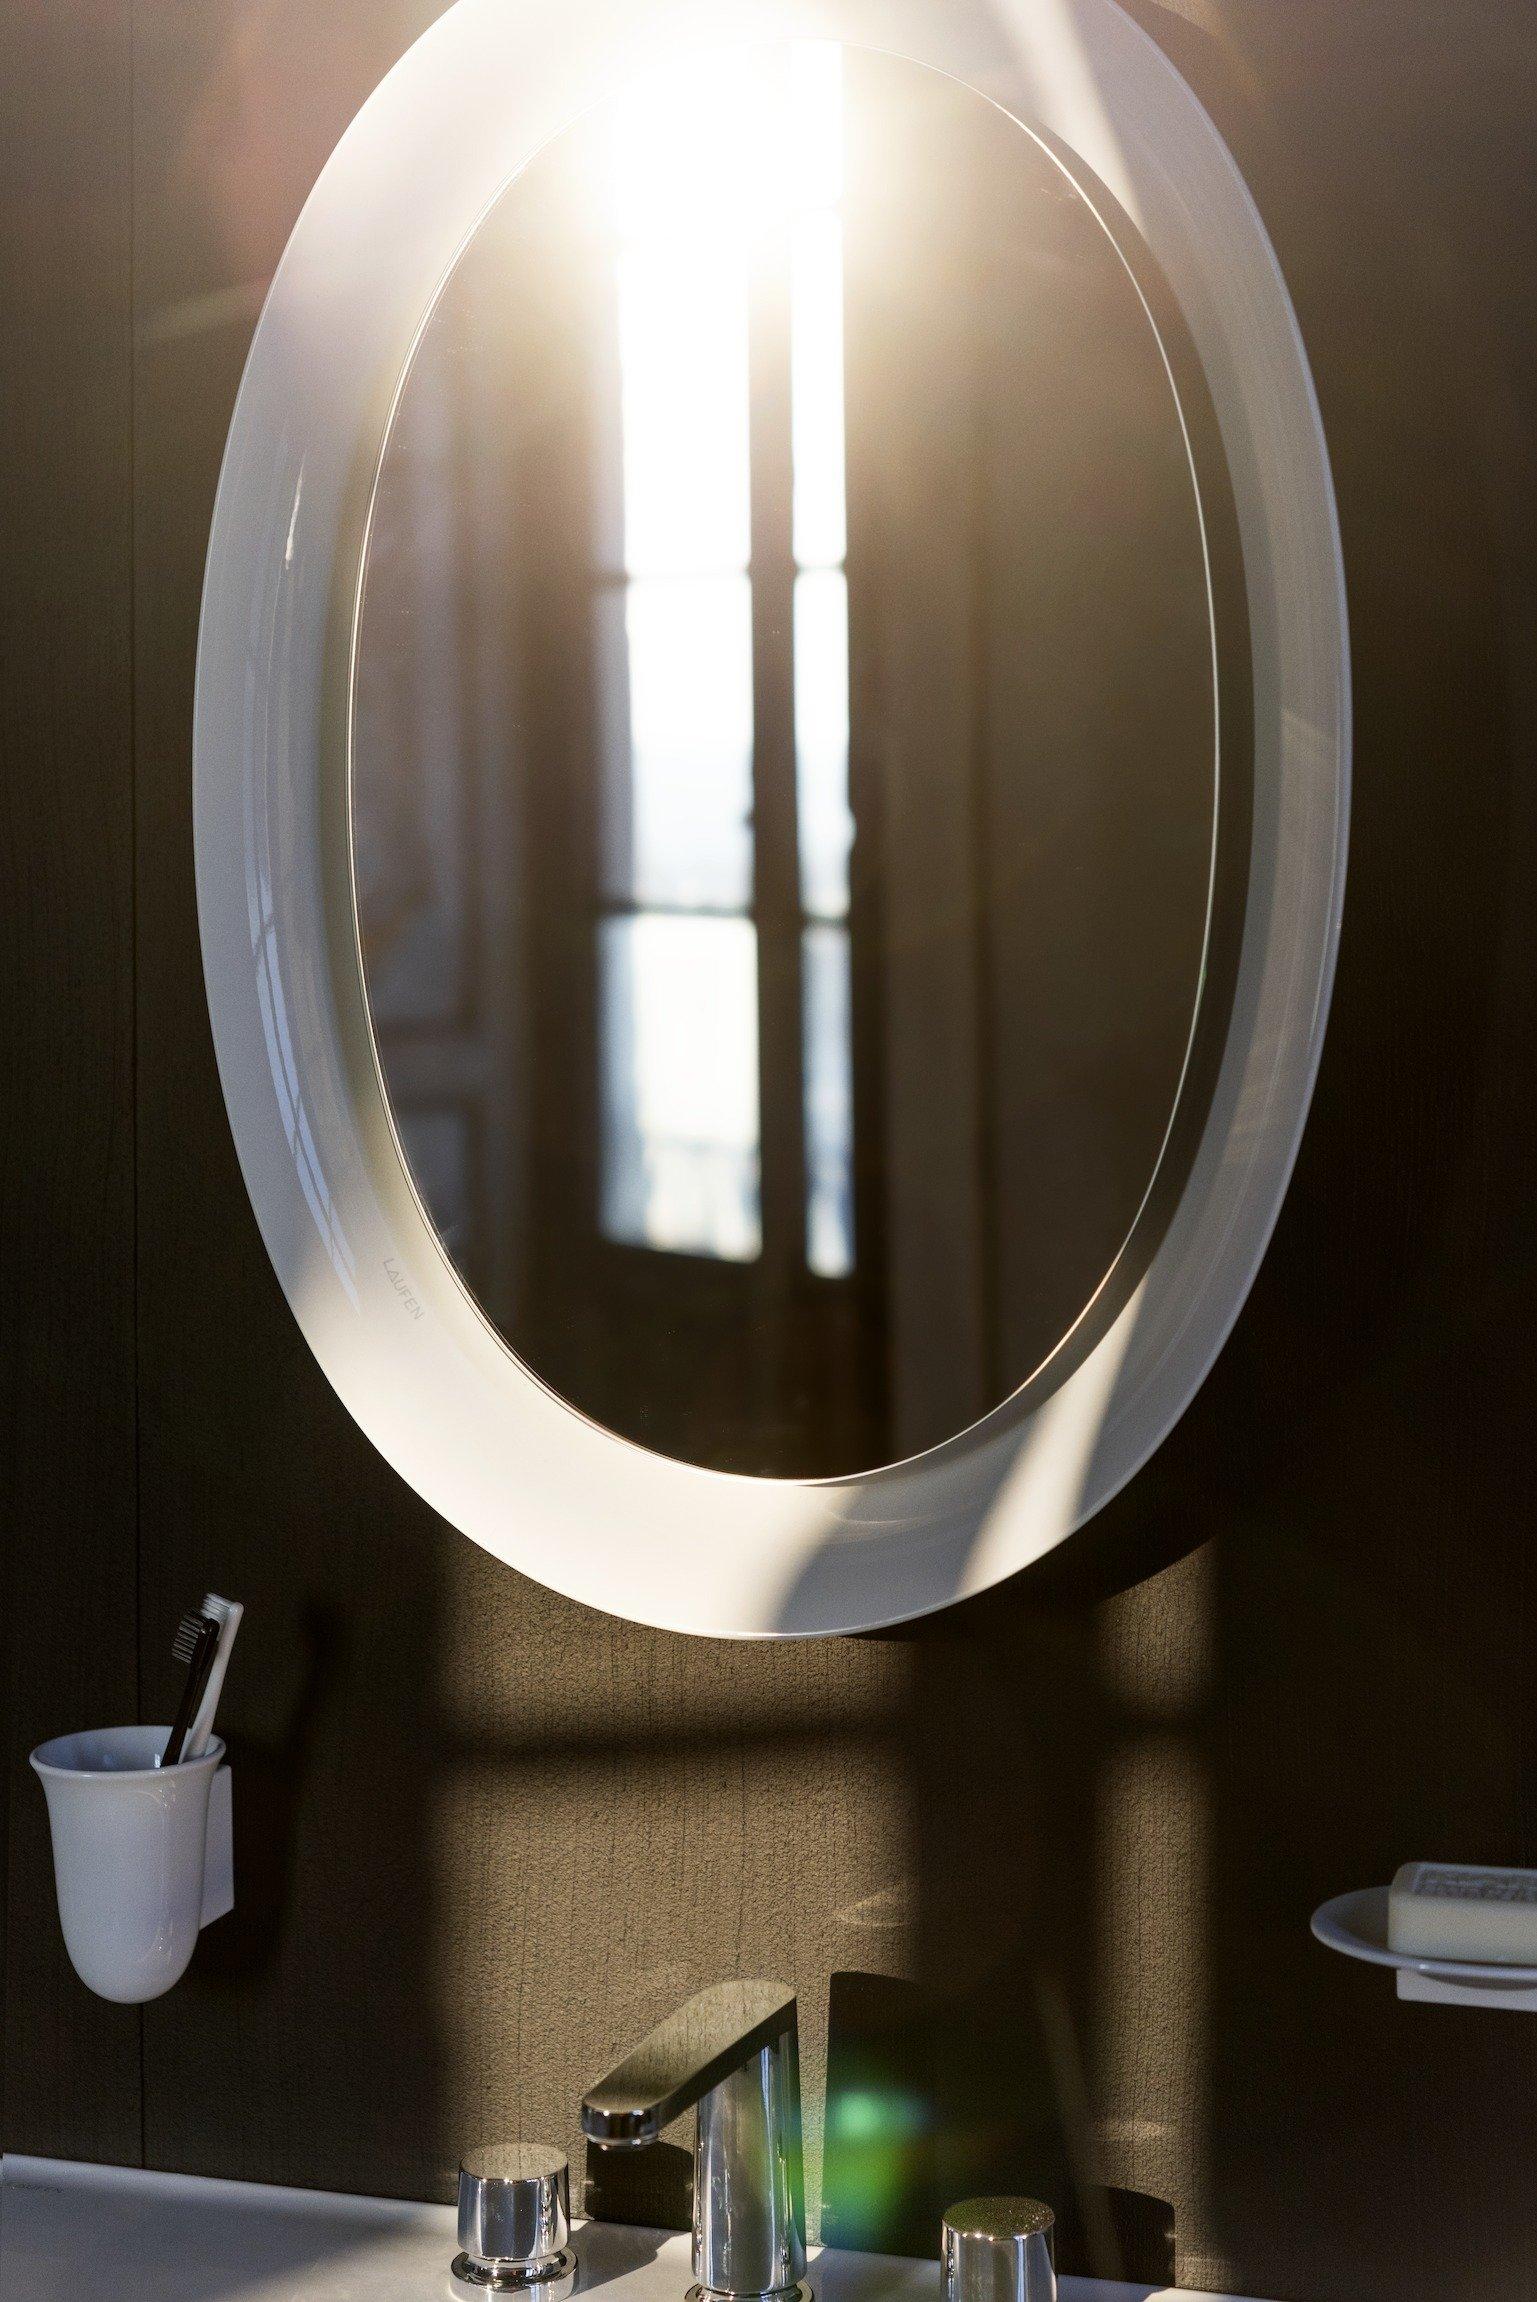 Subtelność, czułość i niecodzienny nastrój łazienki osiągniesz przez najmniejsze elementy wyposażenia.